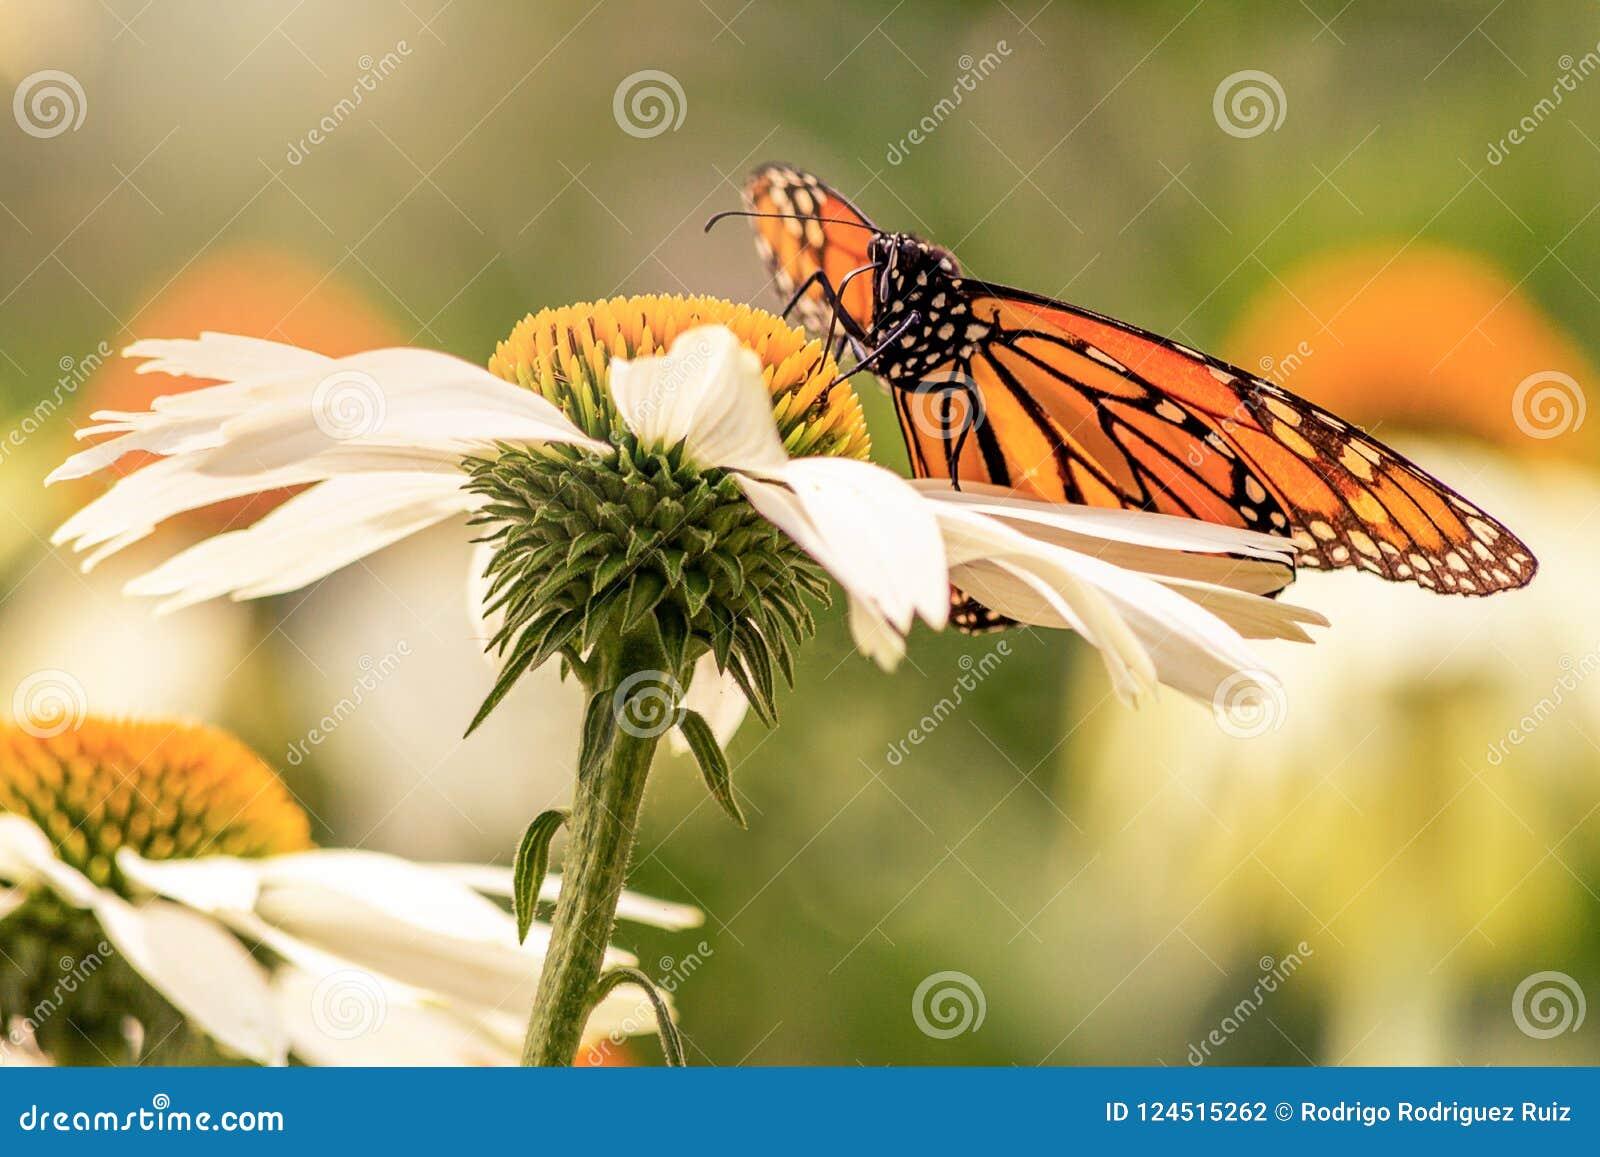 Φτερά της πεταλούδας μοναρχών σε μια άσπρη μαργαρίτα